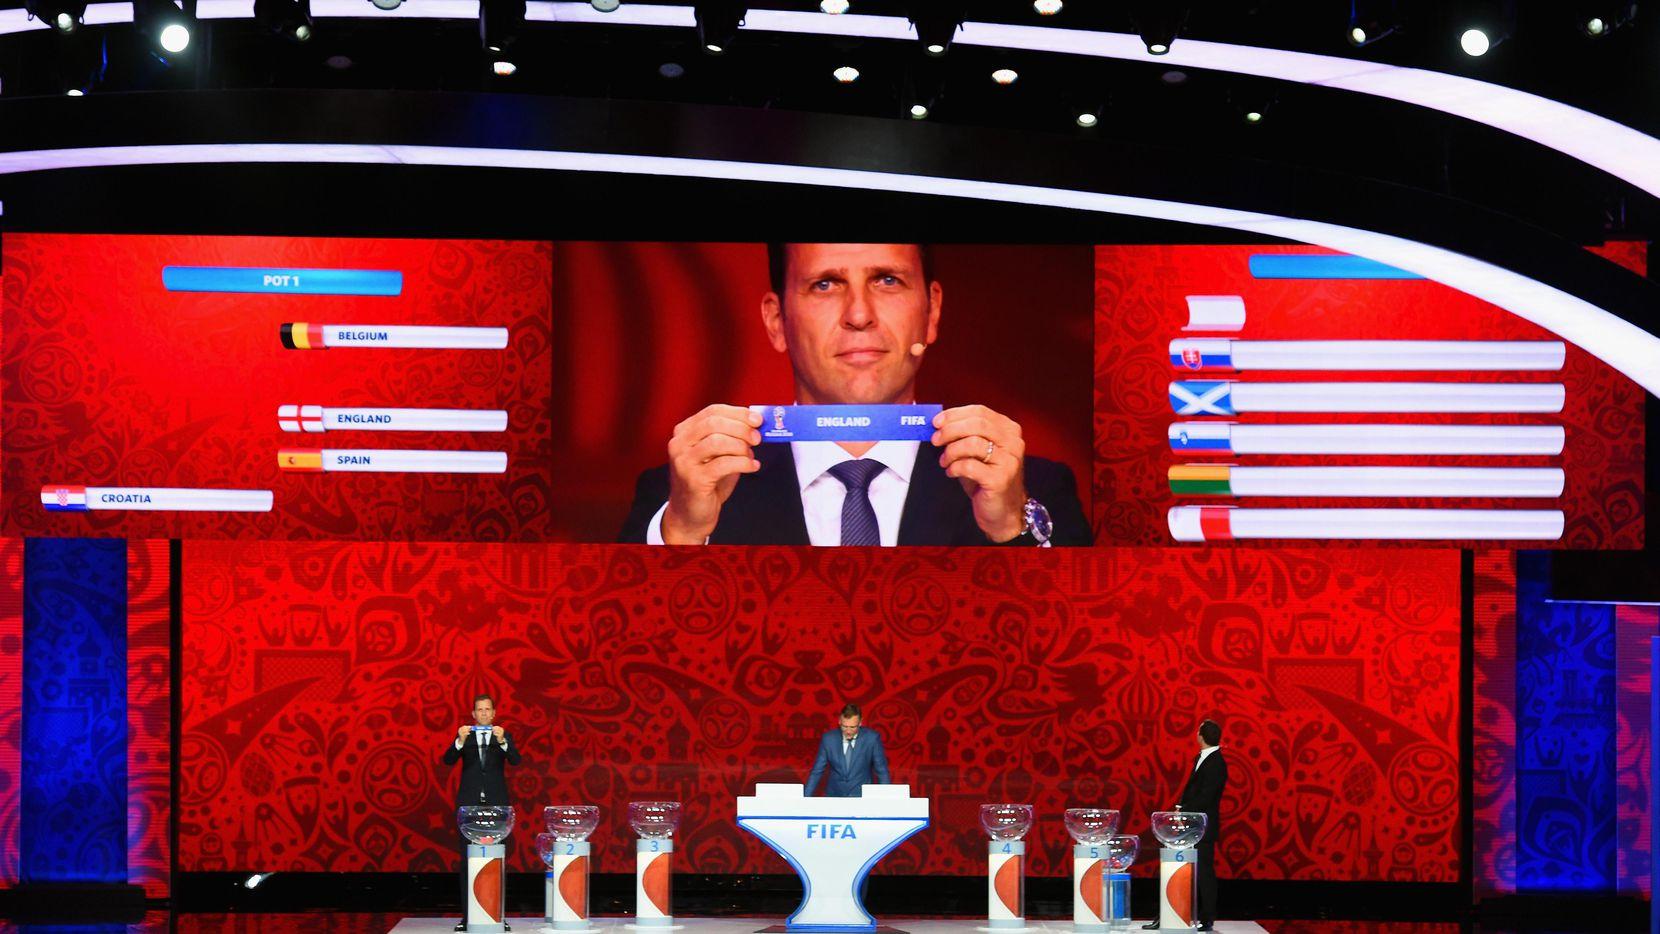 El sorteo del Mundial de Rusia se llevará a cabo el viernes 1 de diciembre desde las 9 a.m. en Moscú. (Getty Images/Shaun Botterill)